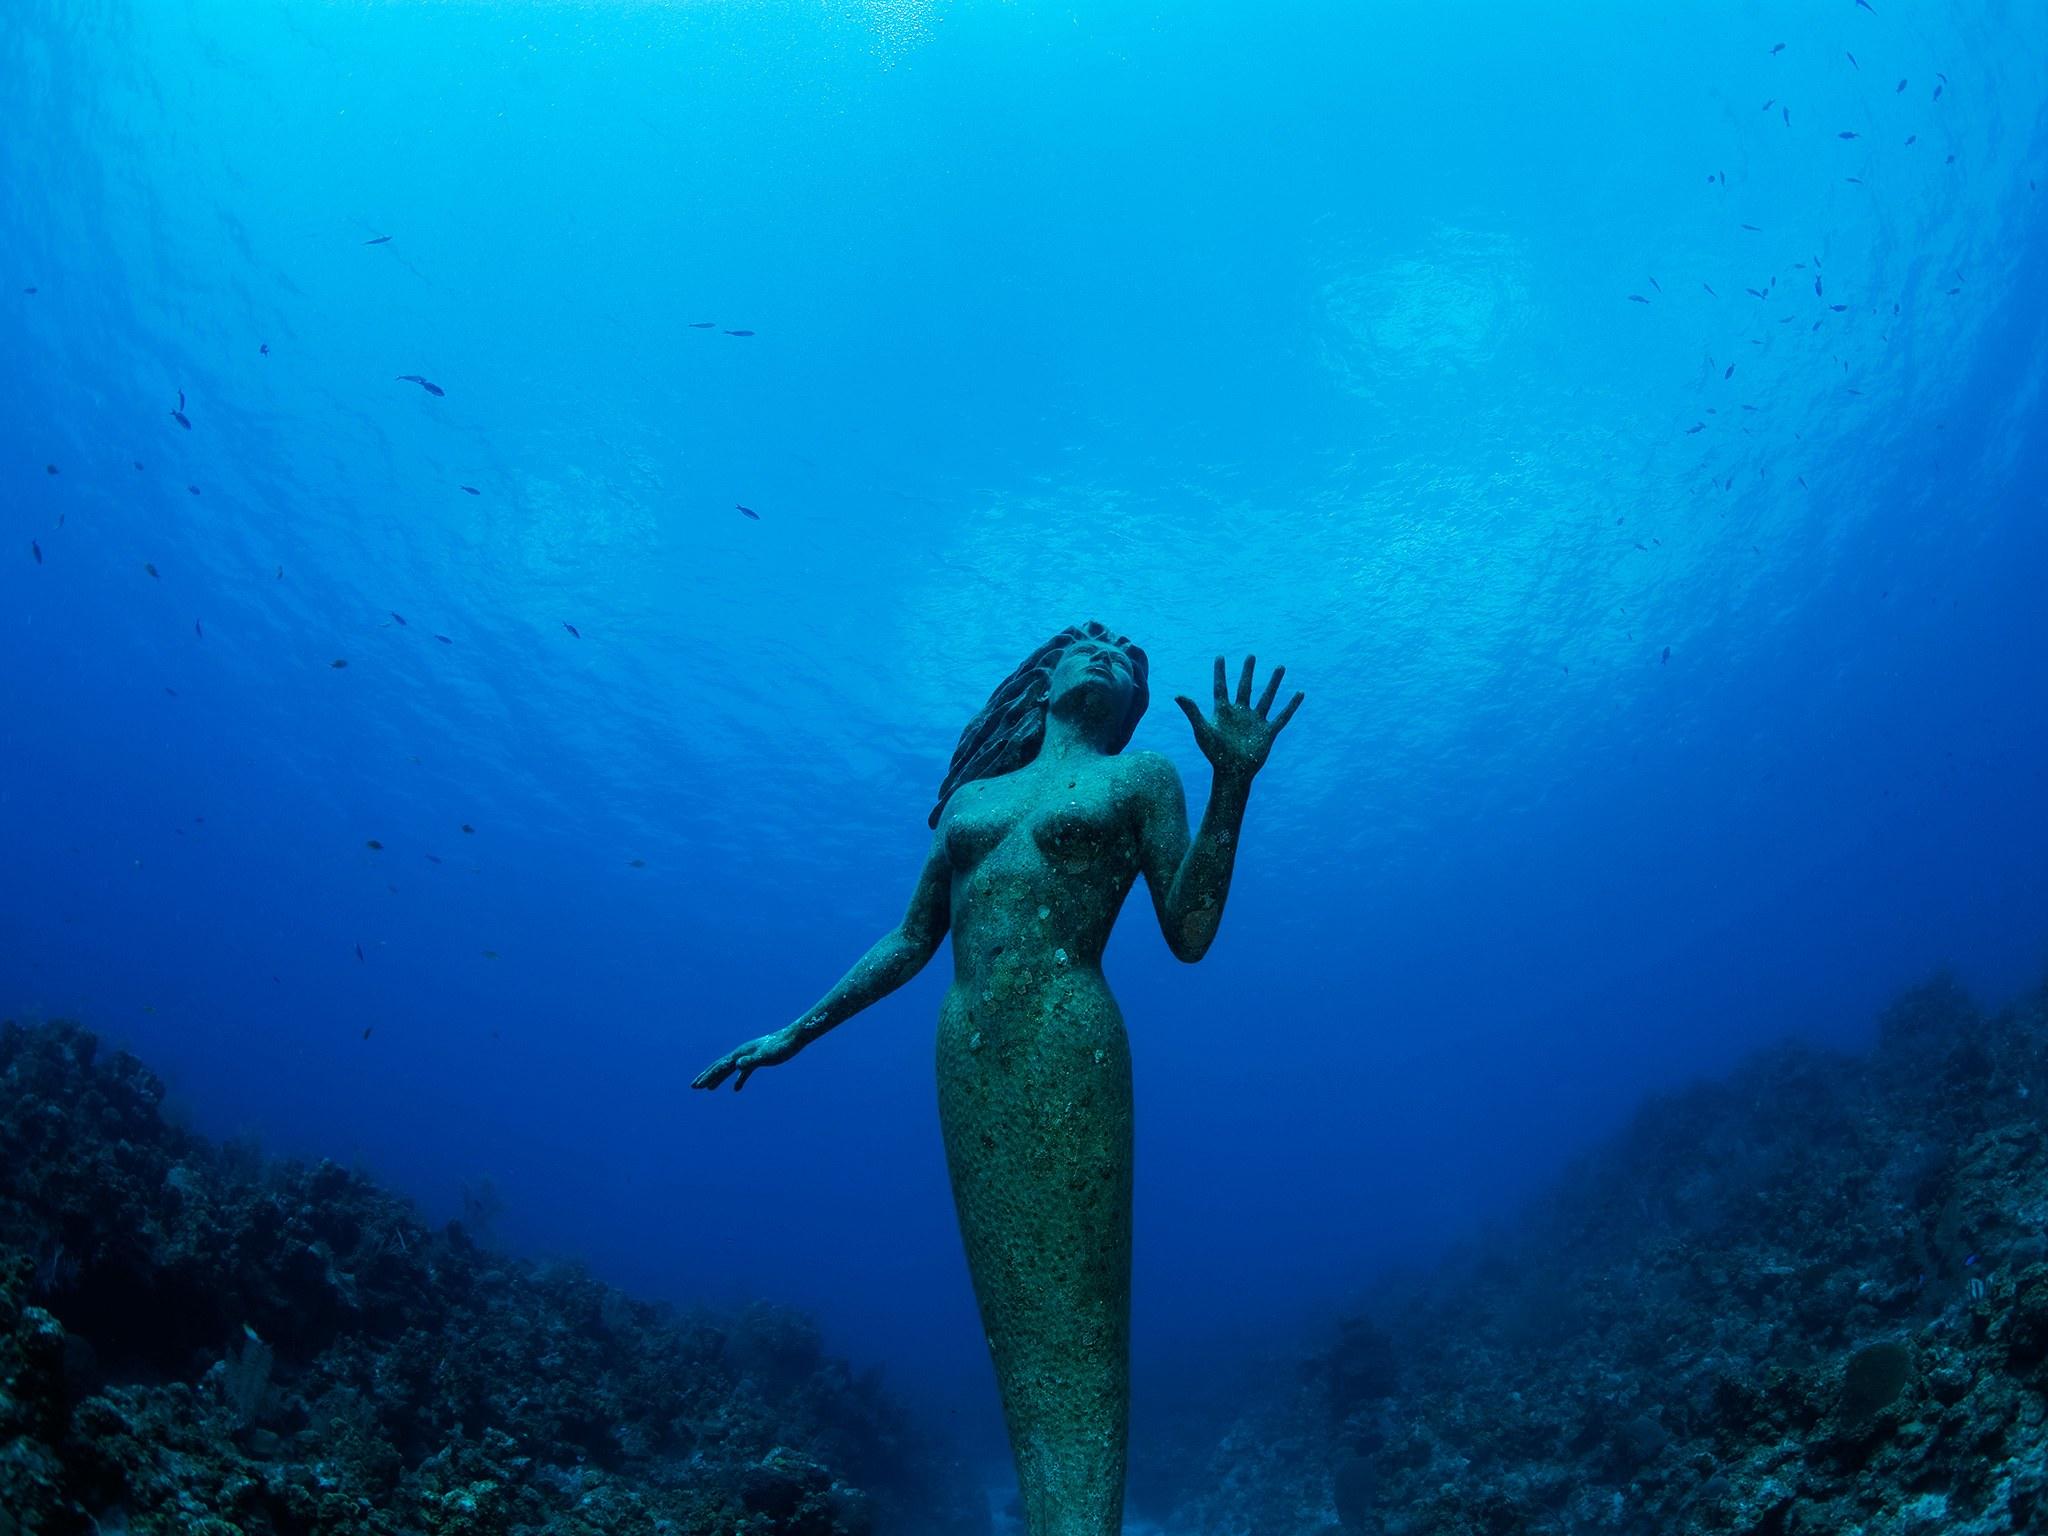 11. Статуя Амфитриты, Каймановы острова, Гранд Кайман. Подводная бронзовая статуя, названная скульпт